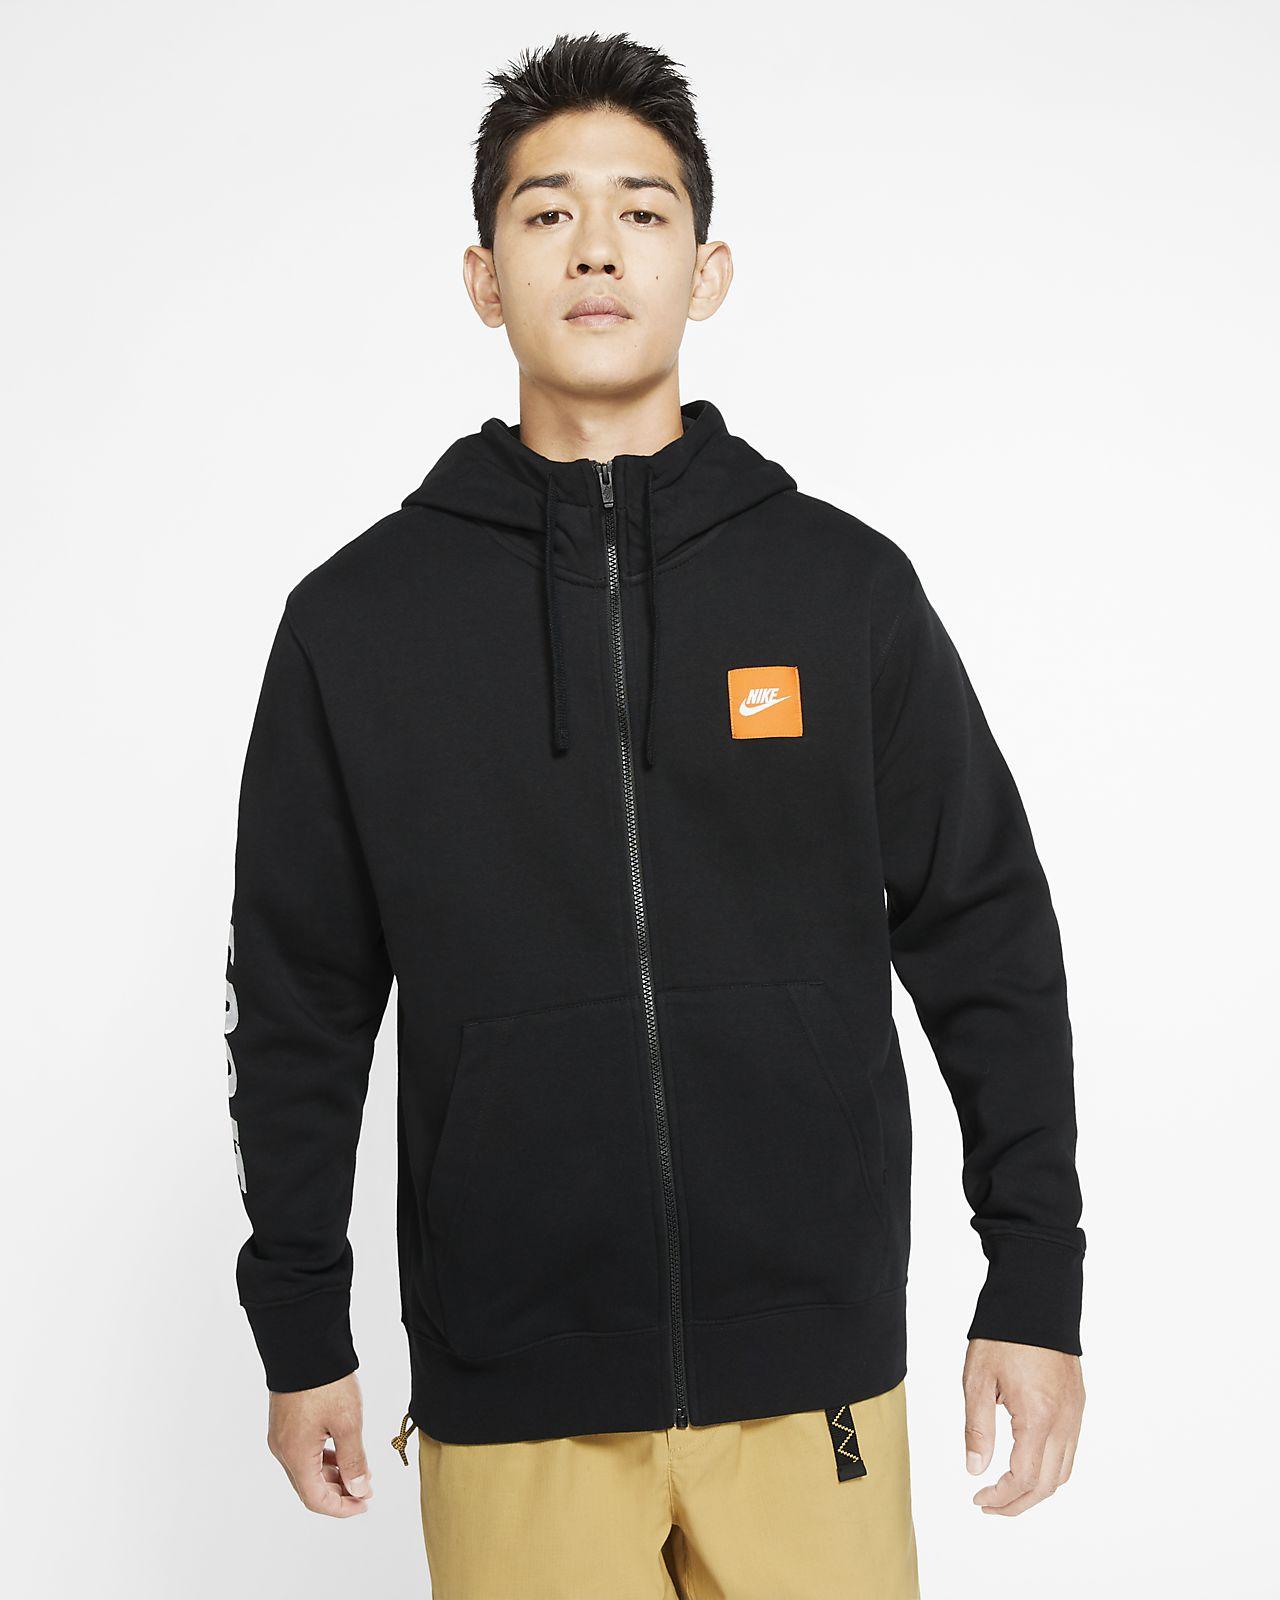 Nike Sportswear 男款全長式拉鍊 Fleece 連帽上衣